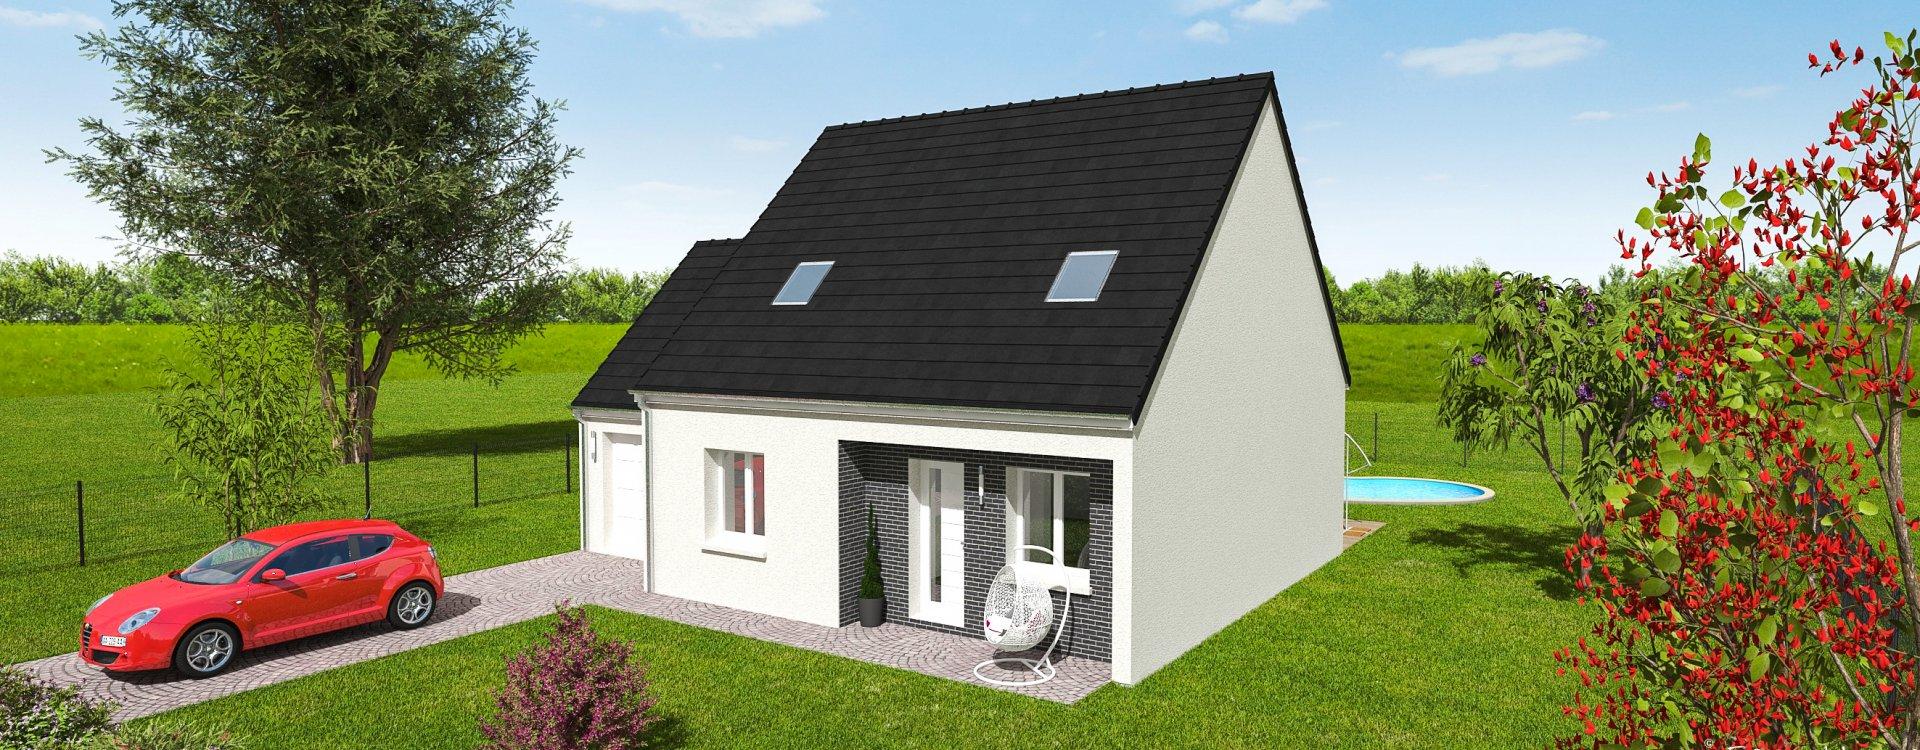 Maisons + Terrains du constructeur EASY HOUSE • 59 m² • LAMOTTE BEUVRON